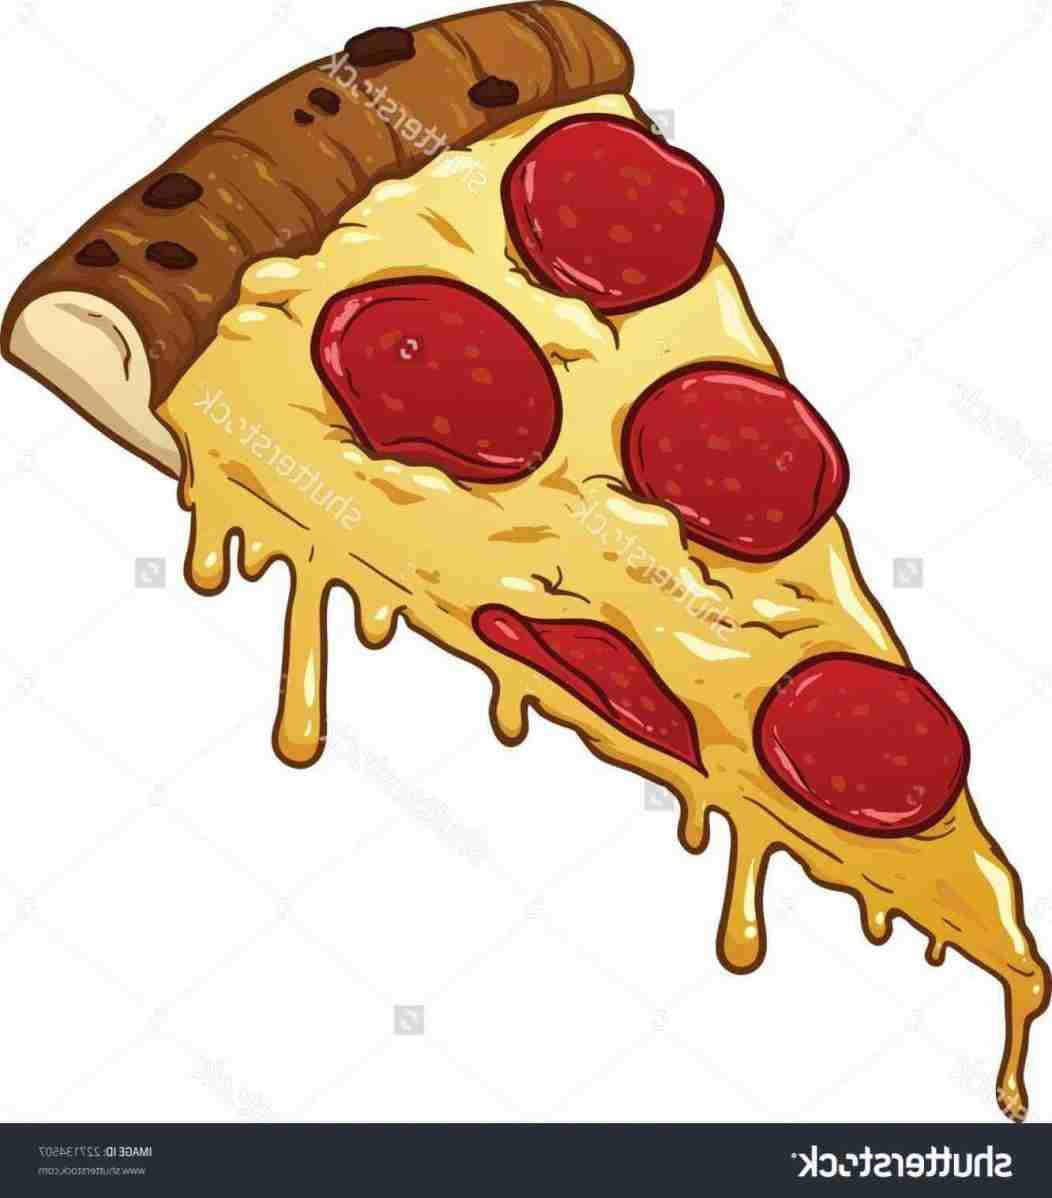 1052x1198 Cartoon Pizza Drawing Tumblr Pizza Slice Tumblrrhquoteskcom.jpg